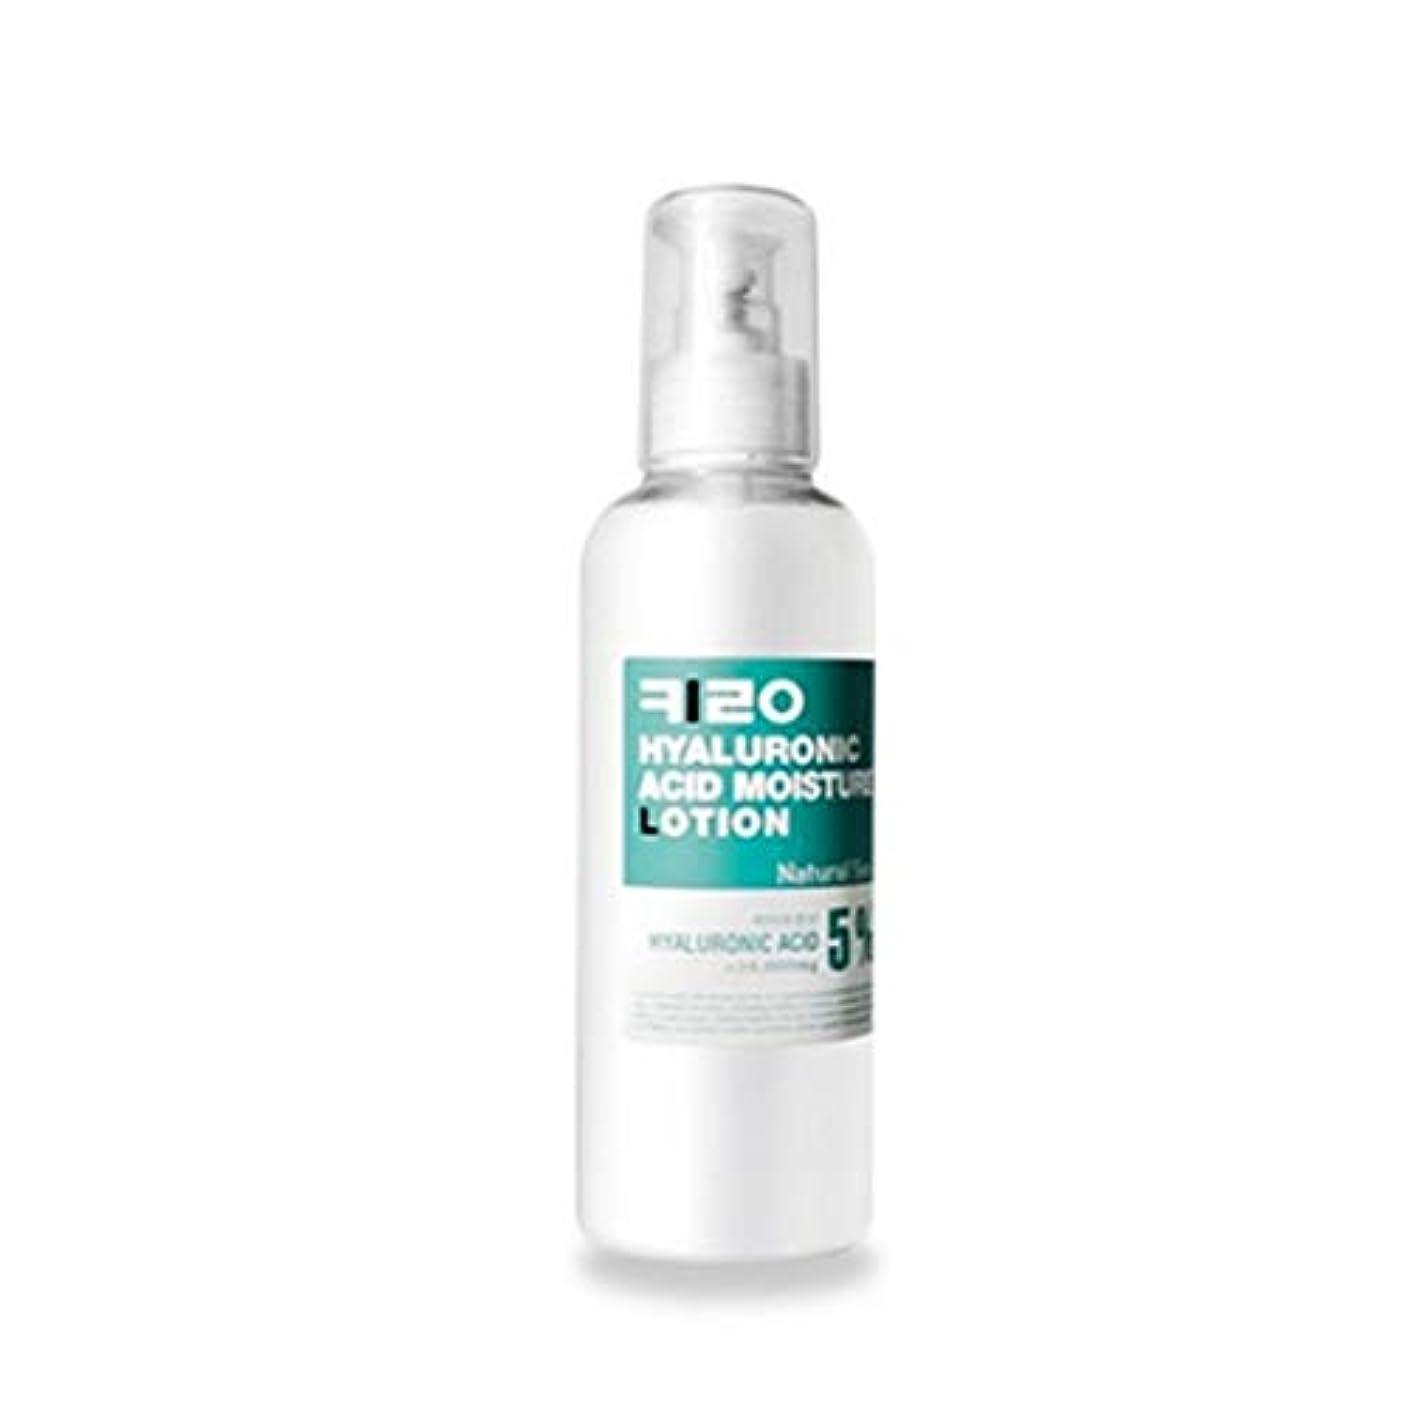 細心の反動サイズナチュラルSooキーロヒアルロン酸モイスチャーローション200g韓国コスメ、Natural Soo Hyaluronic Acid Moisture Lotion 200g Korean Cosmetics [並行輸入品]